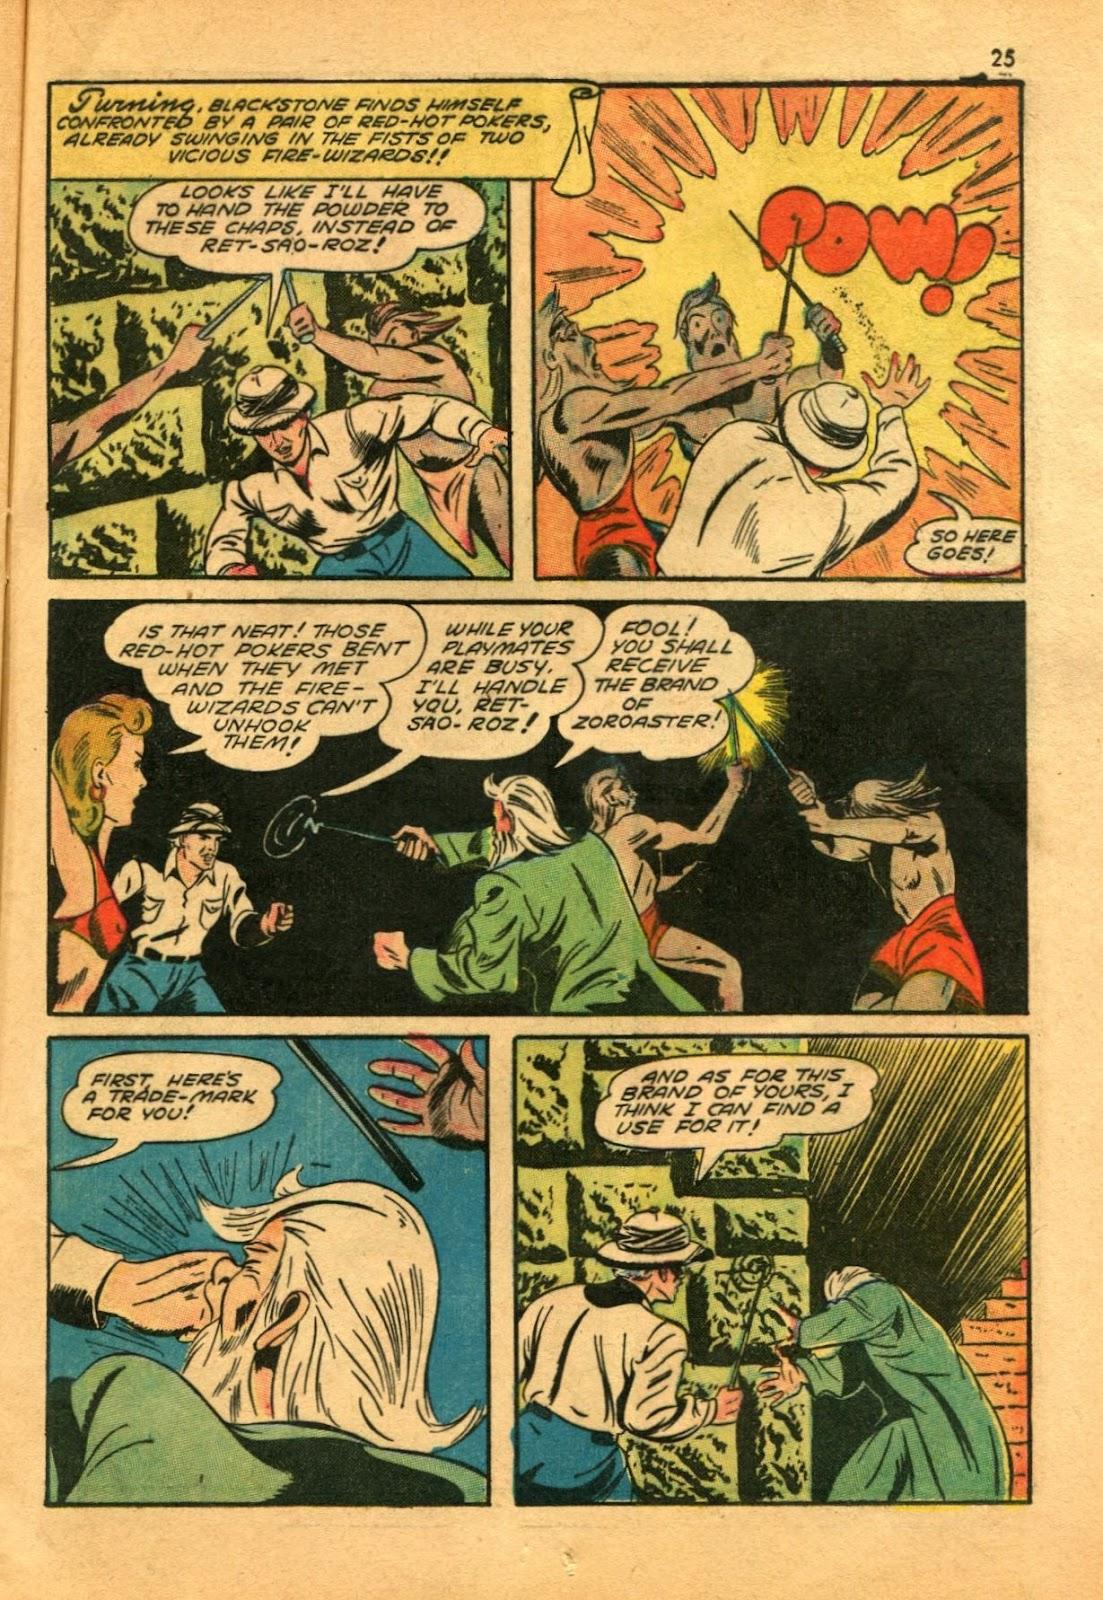 Read online Super-Magician Comics comic -  Issue #11 - 25